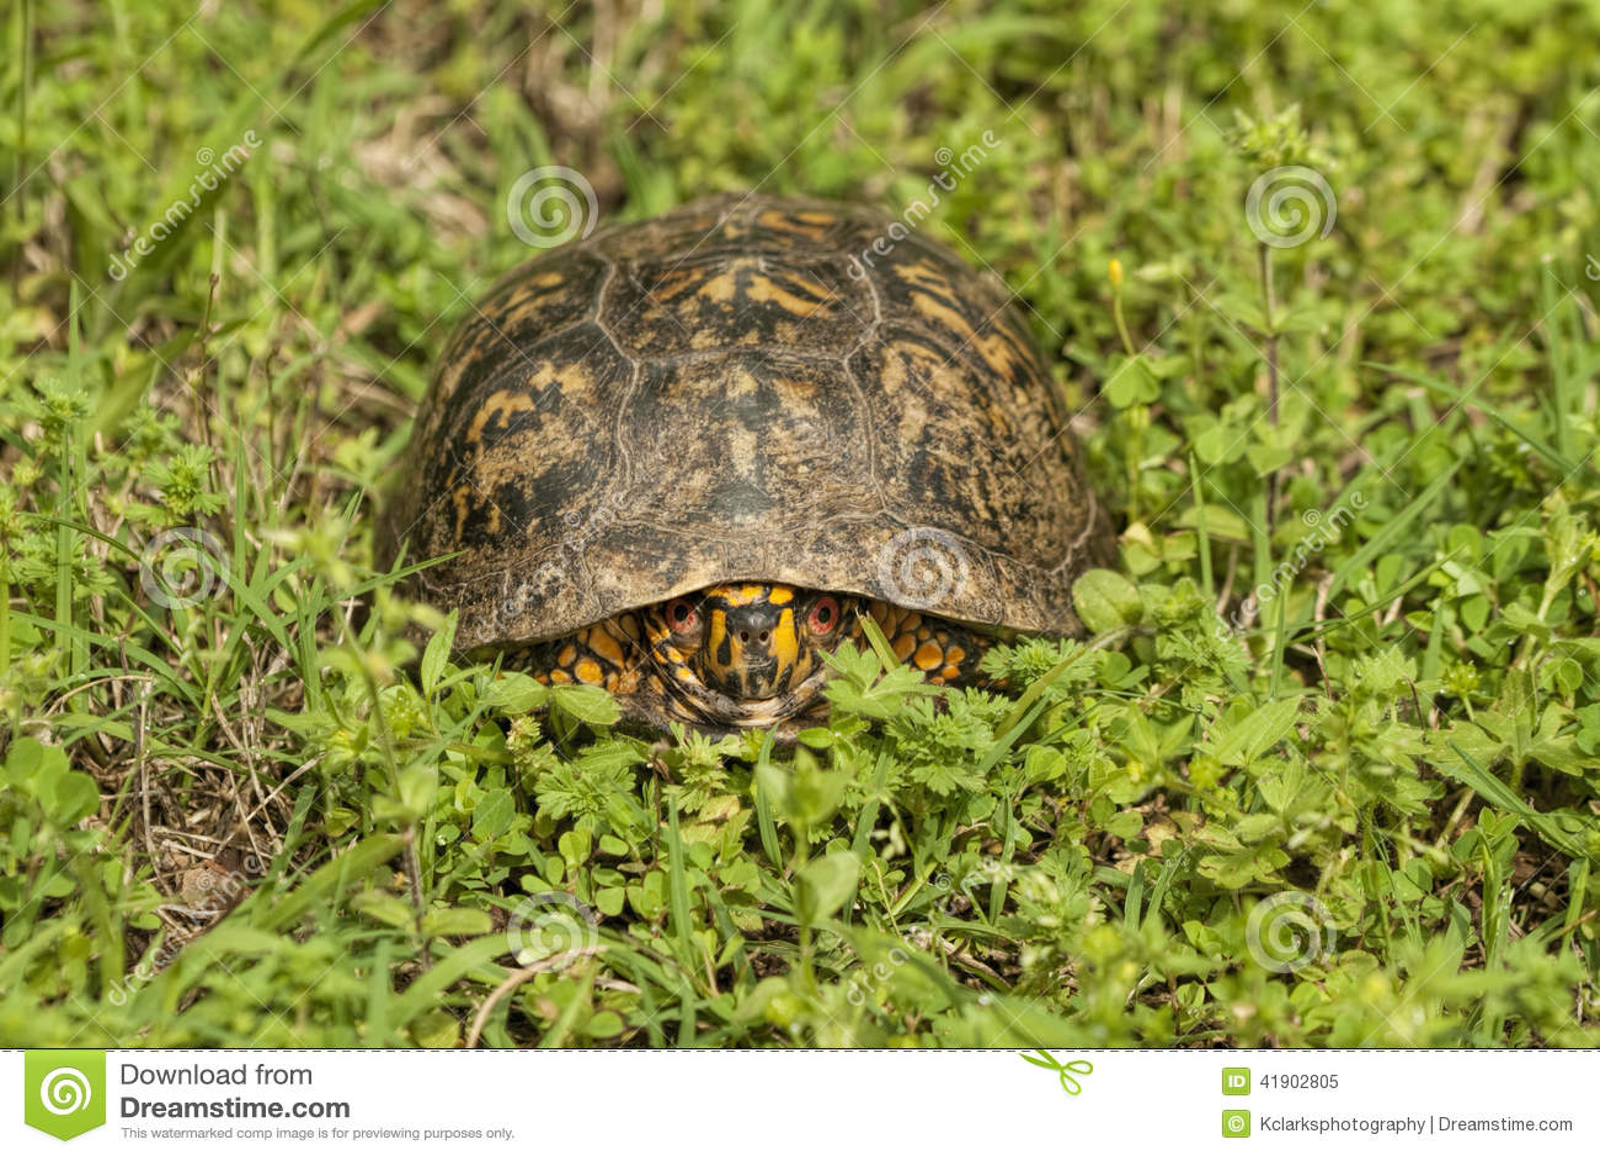 公红眼睛的龟盒-箱型海龟类卡罗来纳州